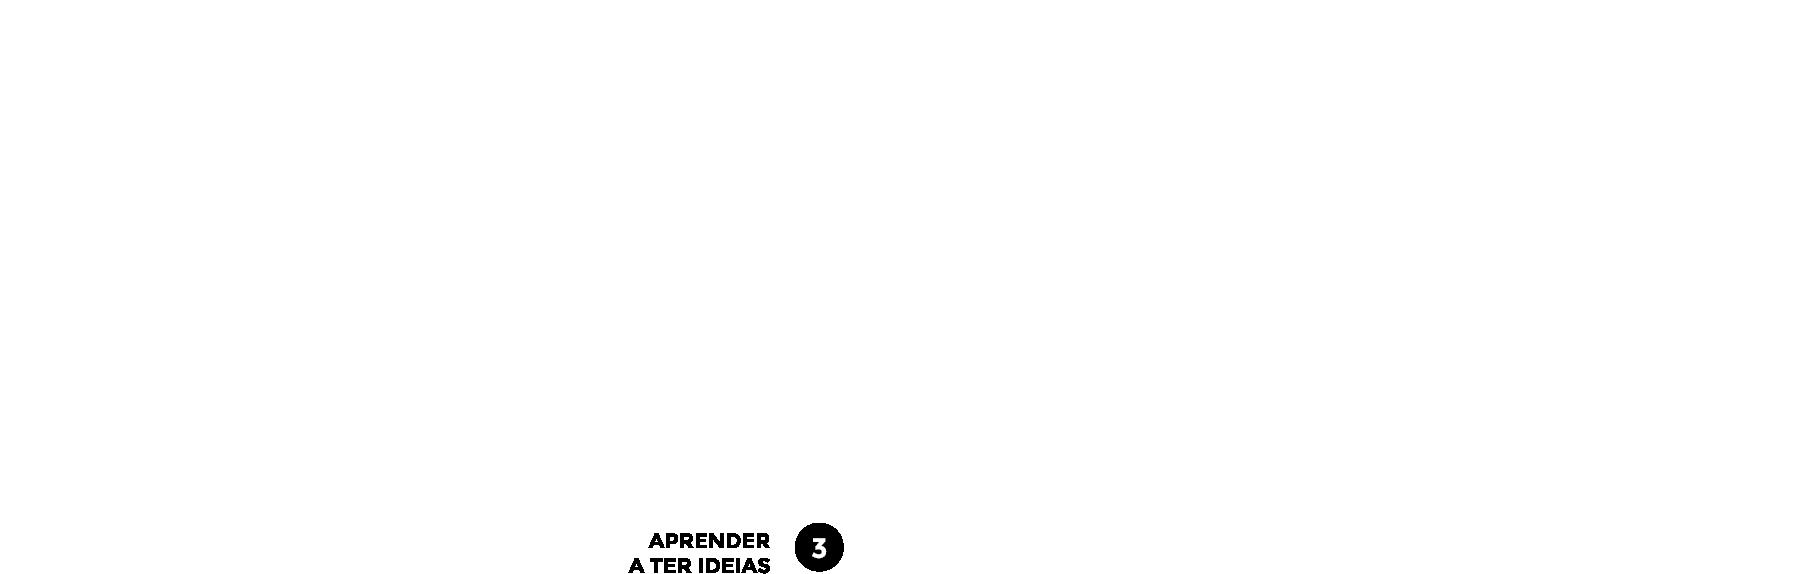 header-home-schrift-animation8